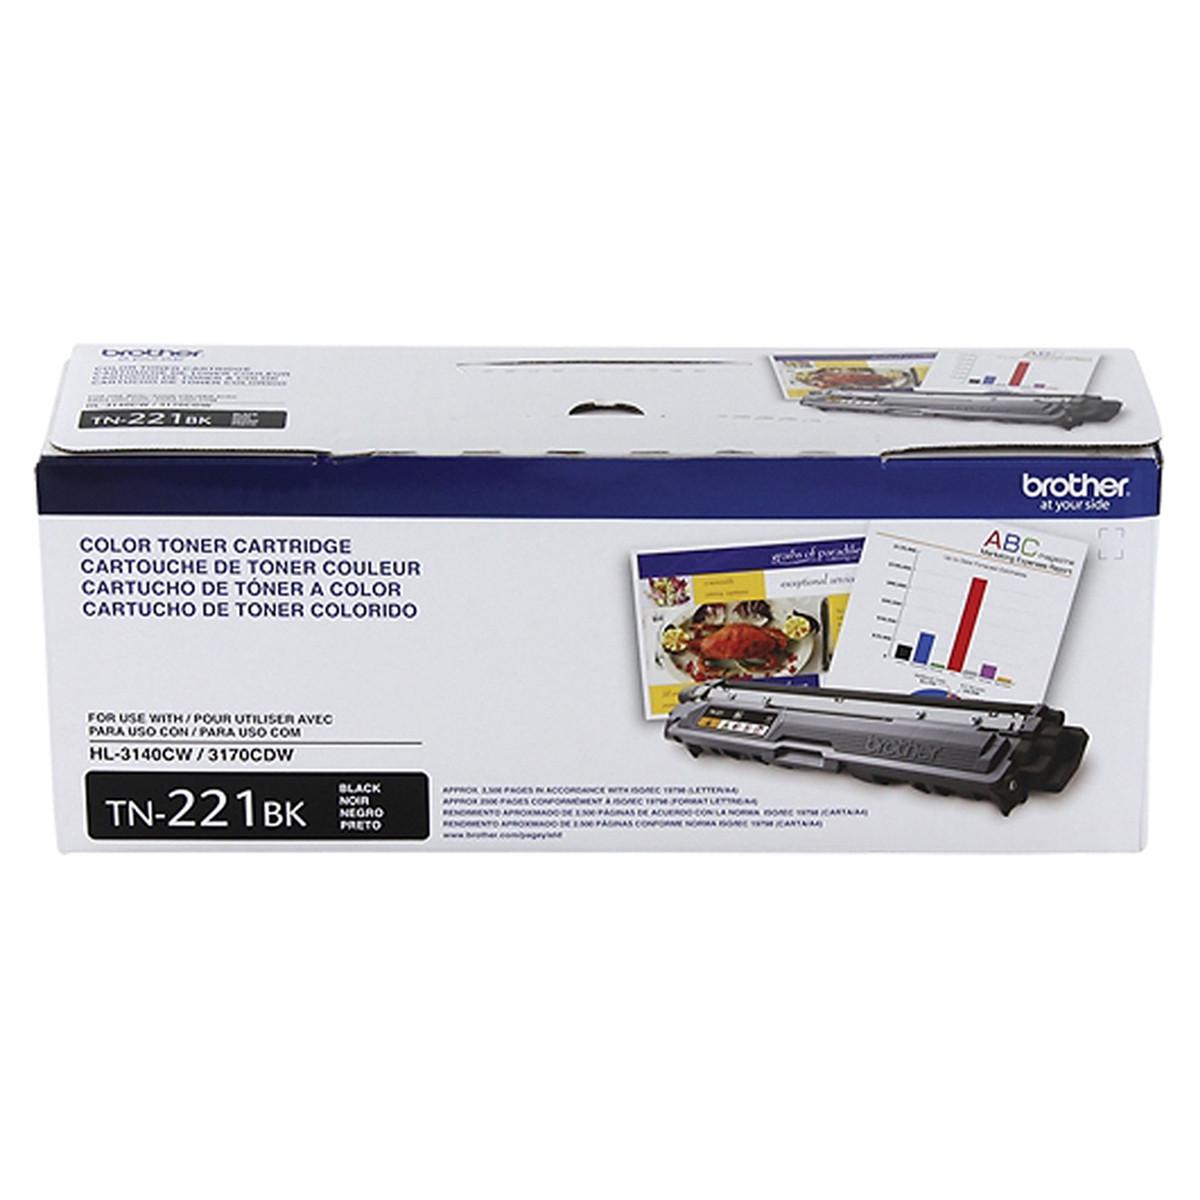 Toner Brother TN221BK TN221 Preto | HL3140CW HL3170CDW MFC9130CW MFC9330CDW | Original 2.5k